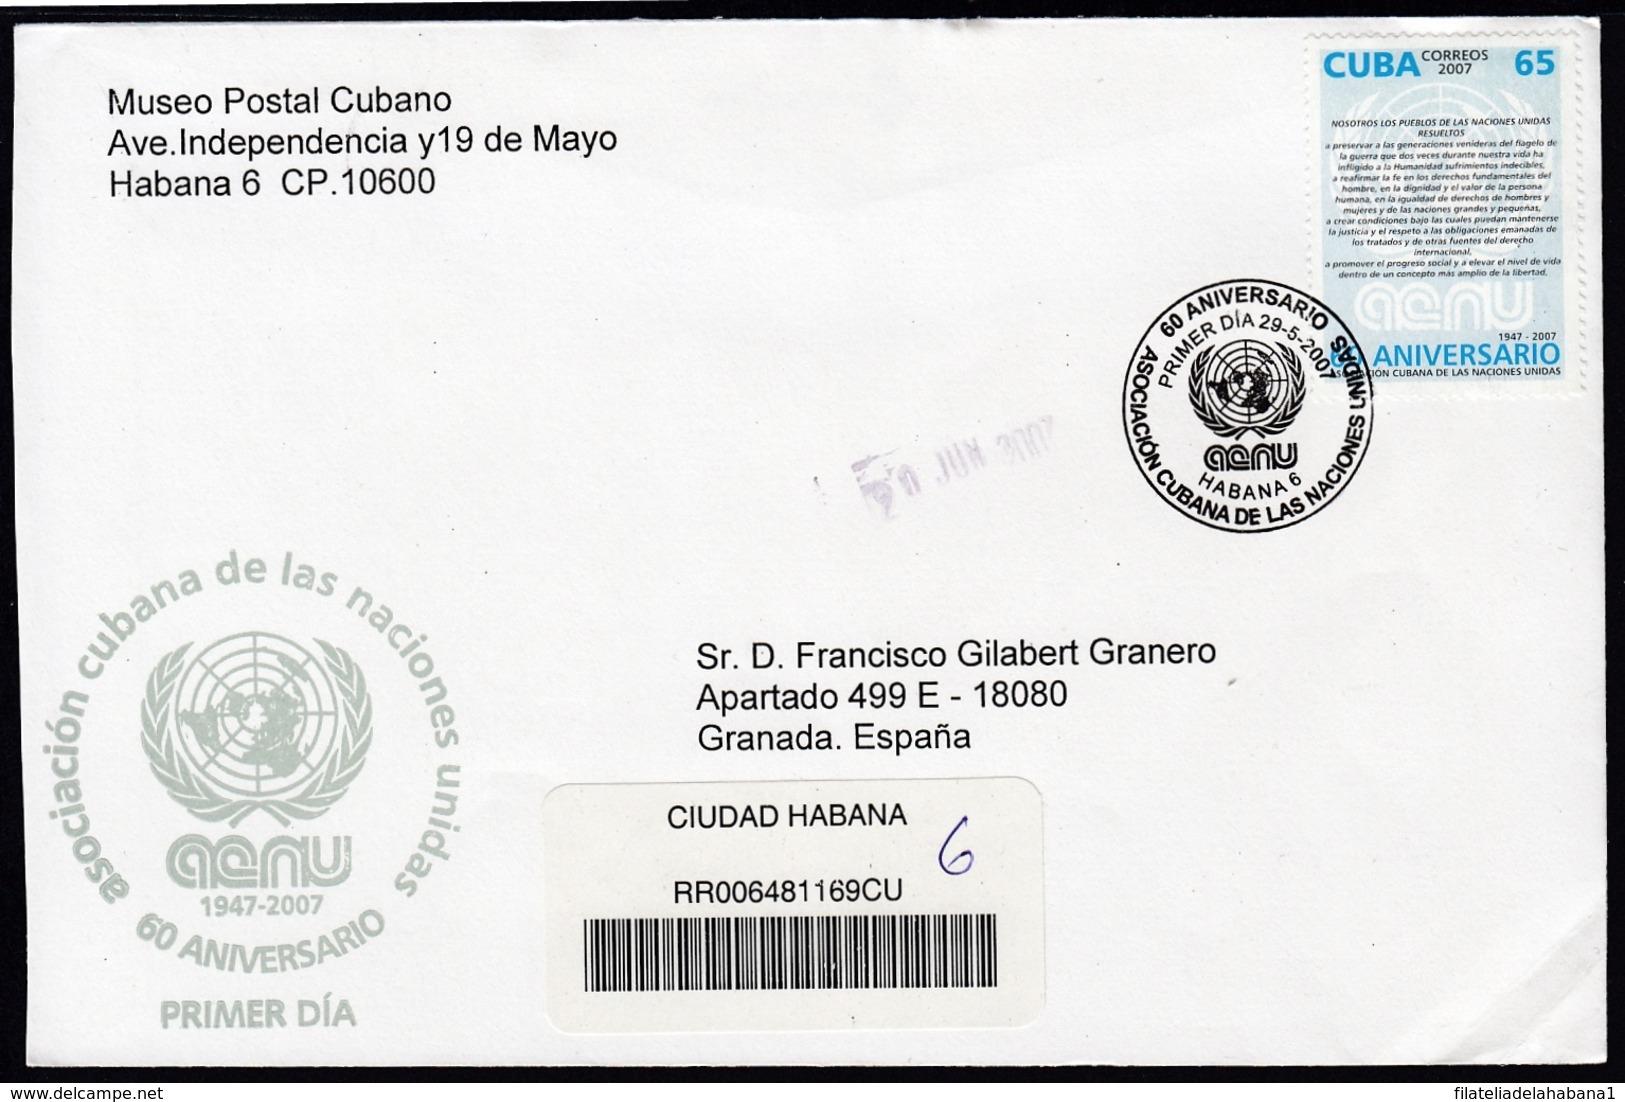 2007-FDC-104 CUBA FDC 2007. REGISTERED COVER TO SPAIN. 60 ANIV ACNU, NU, ONU. - FDC